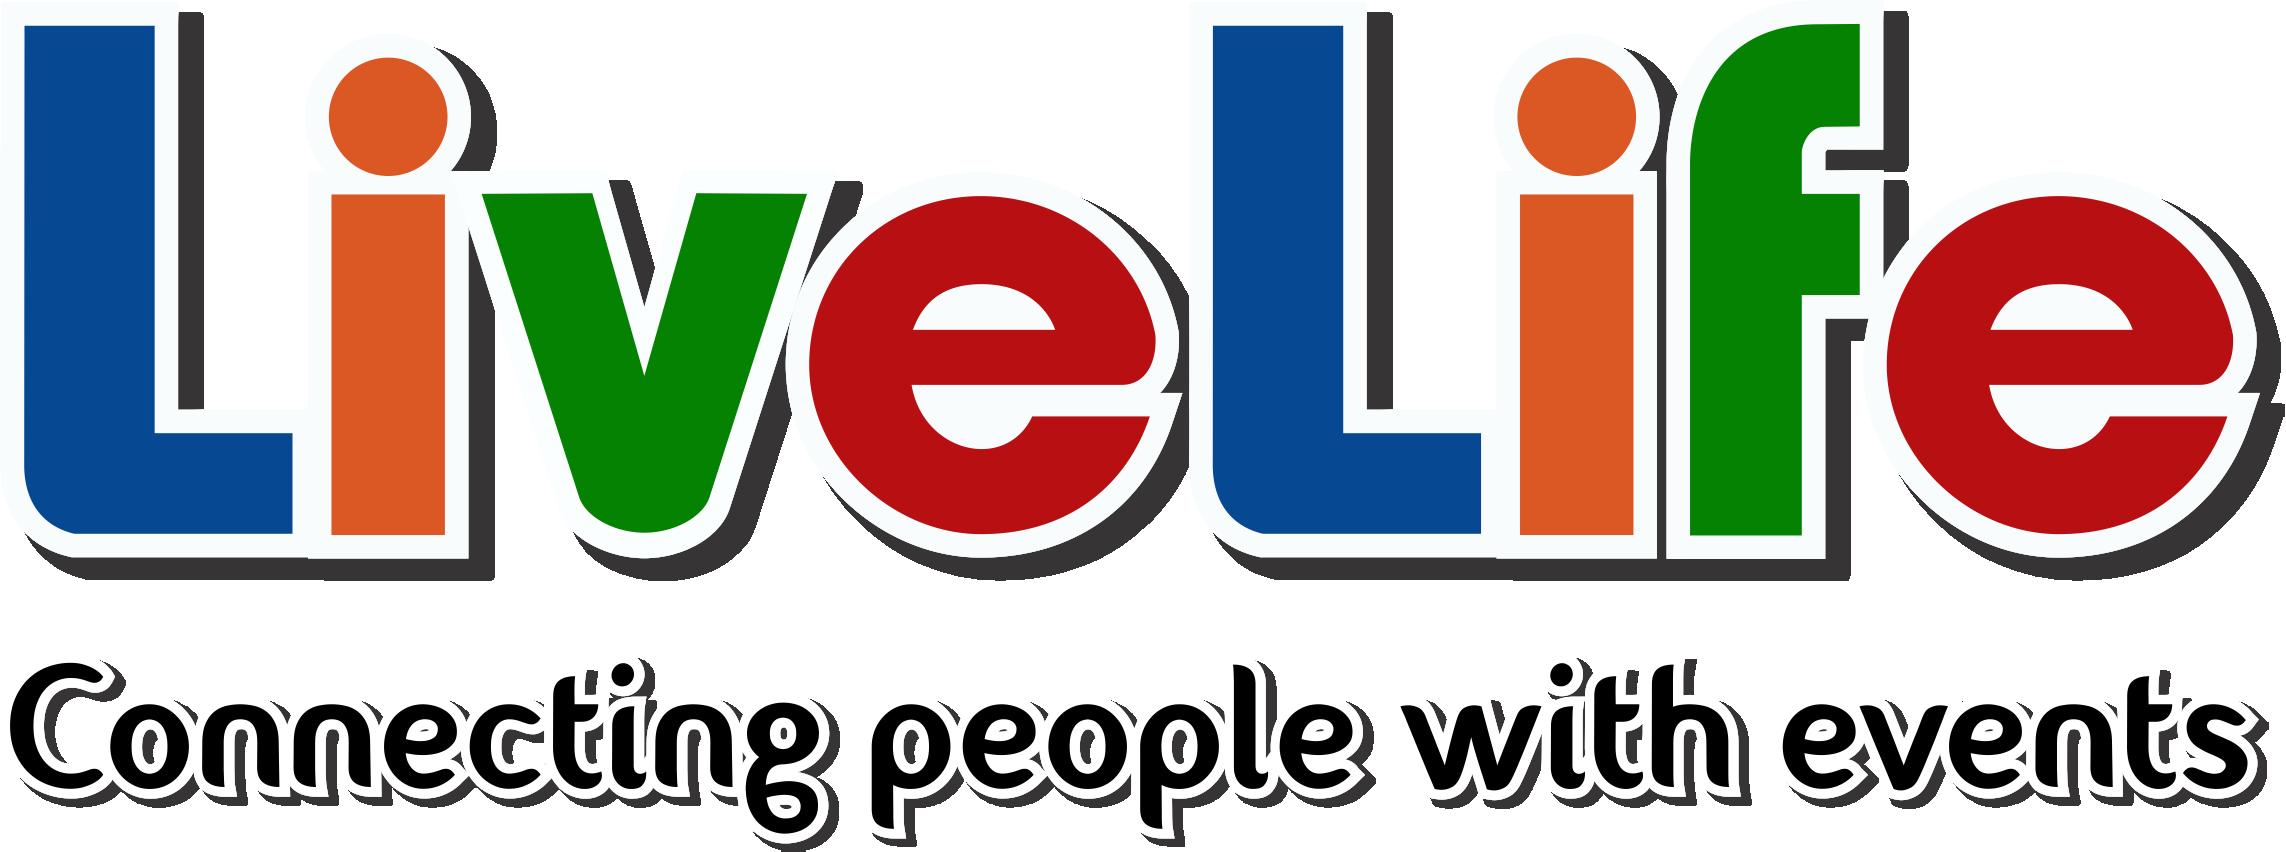 LifeLifeSG